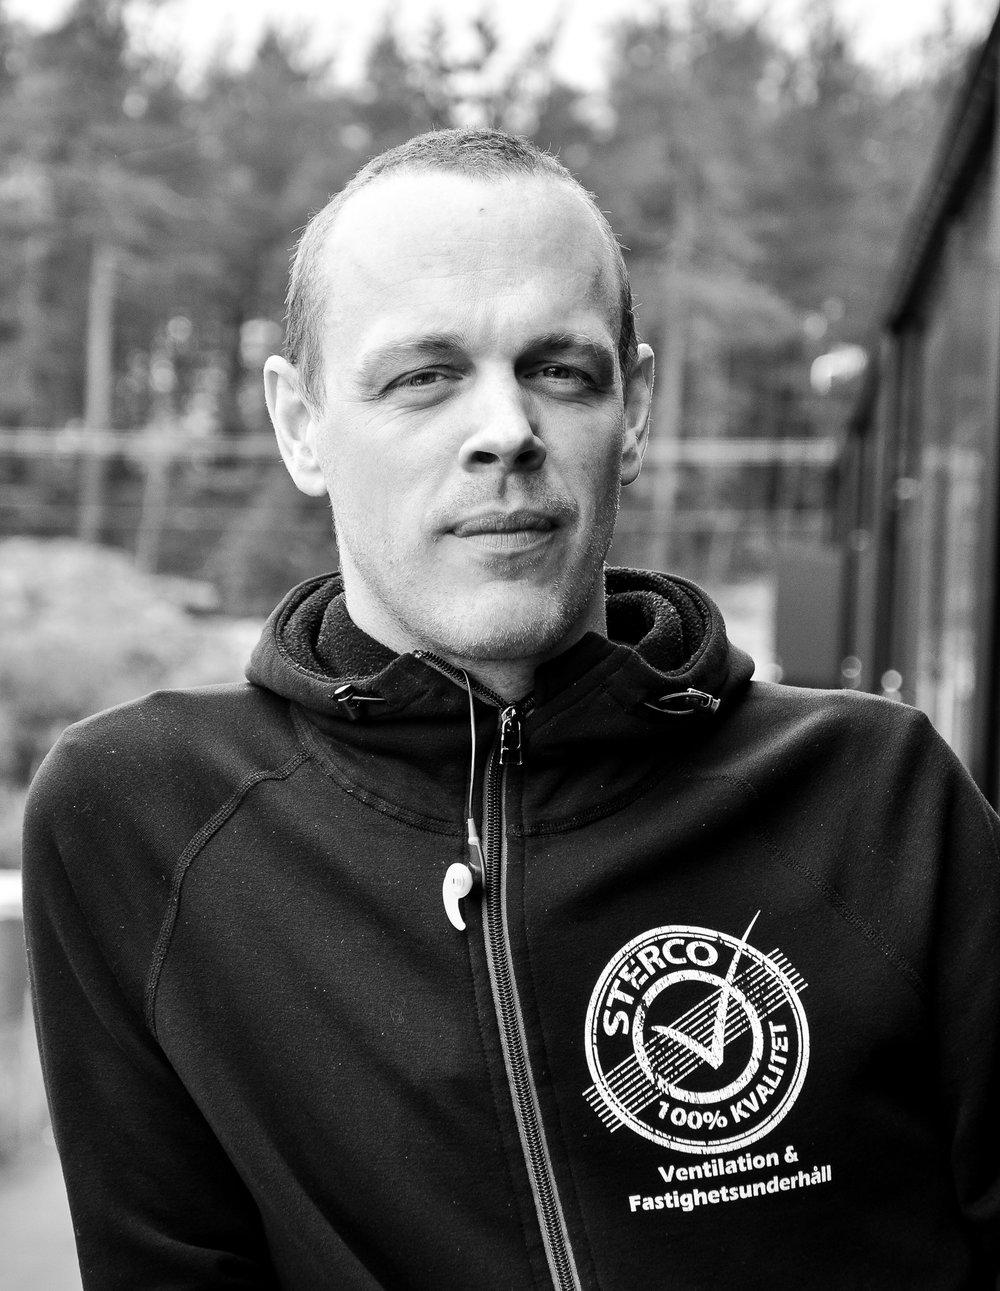 Andreas Hansson  Projektledare, Arbetschef OVK & Injustering  andreas@sterco.se  08 47 47 714